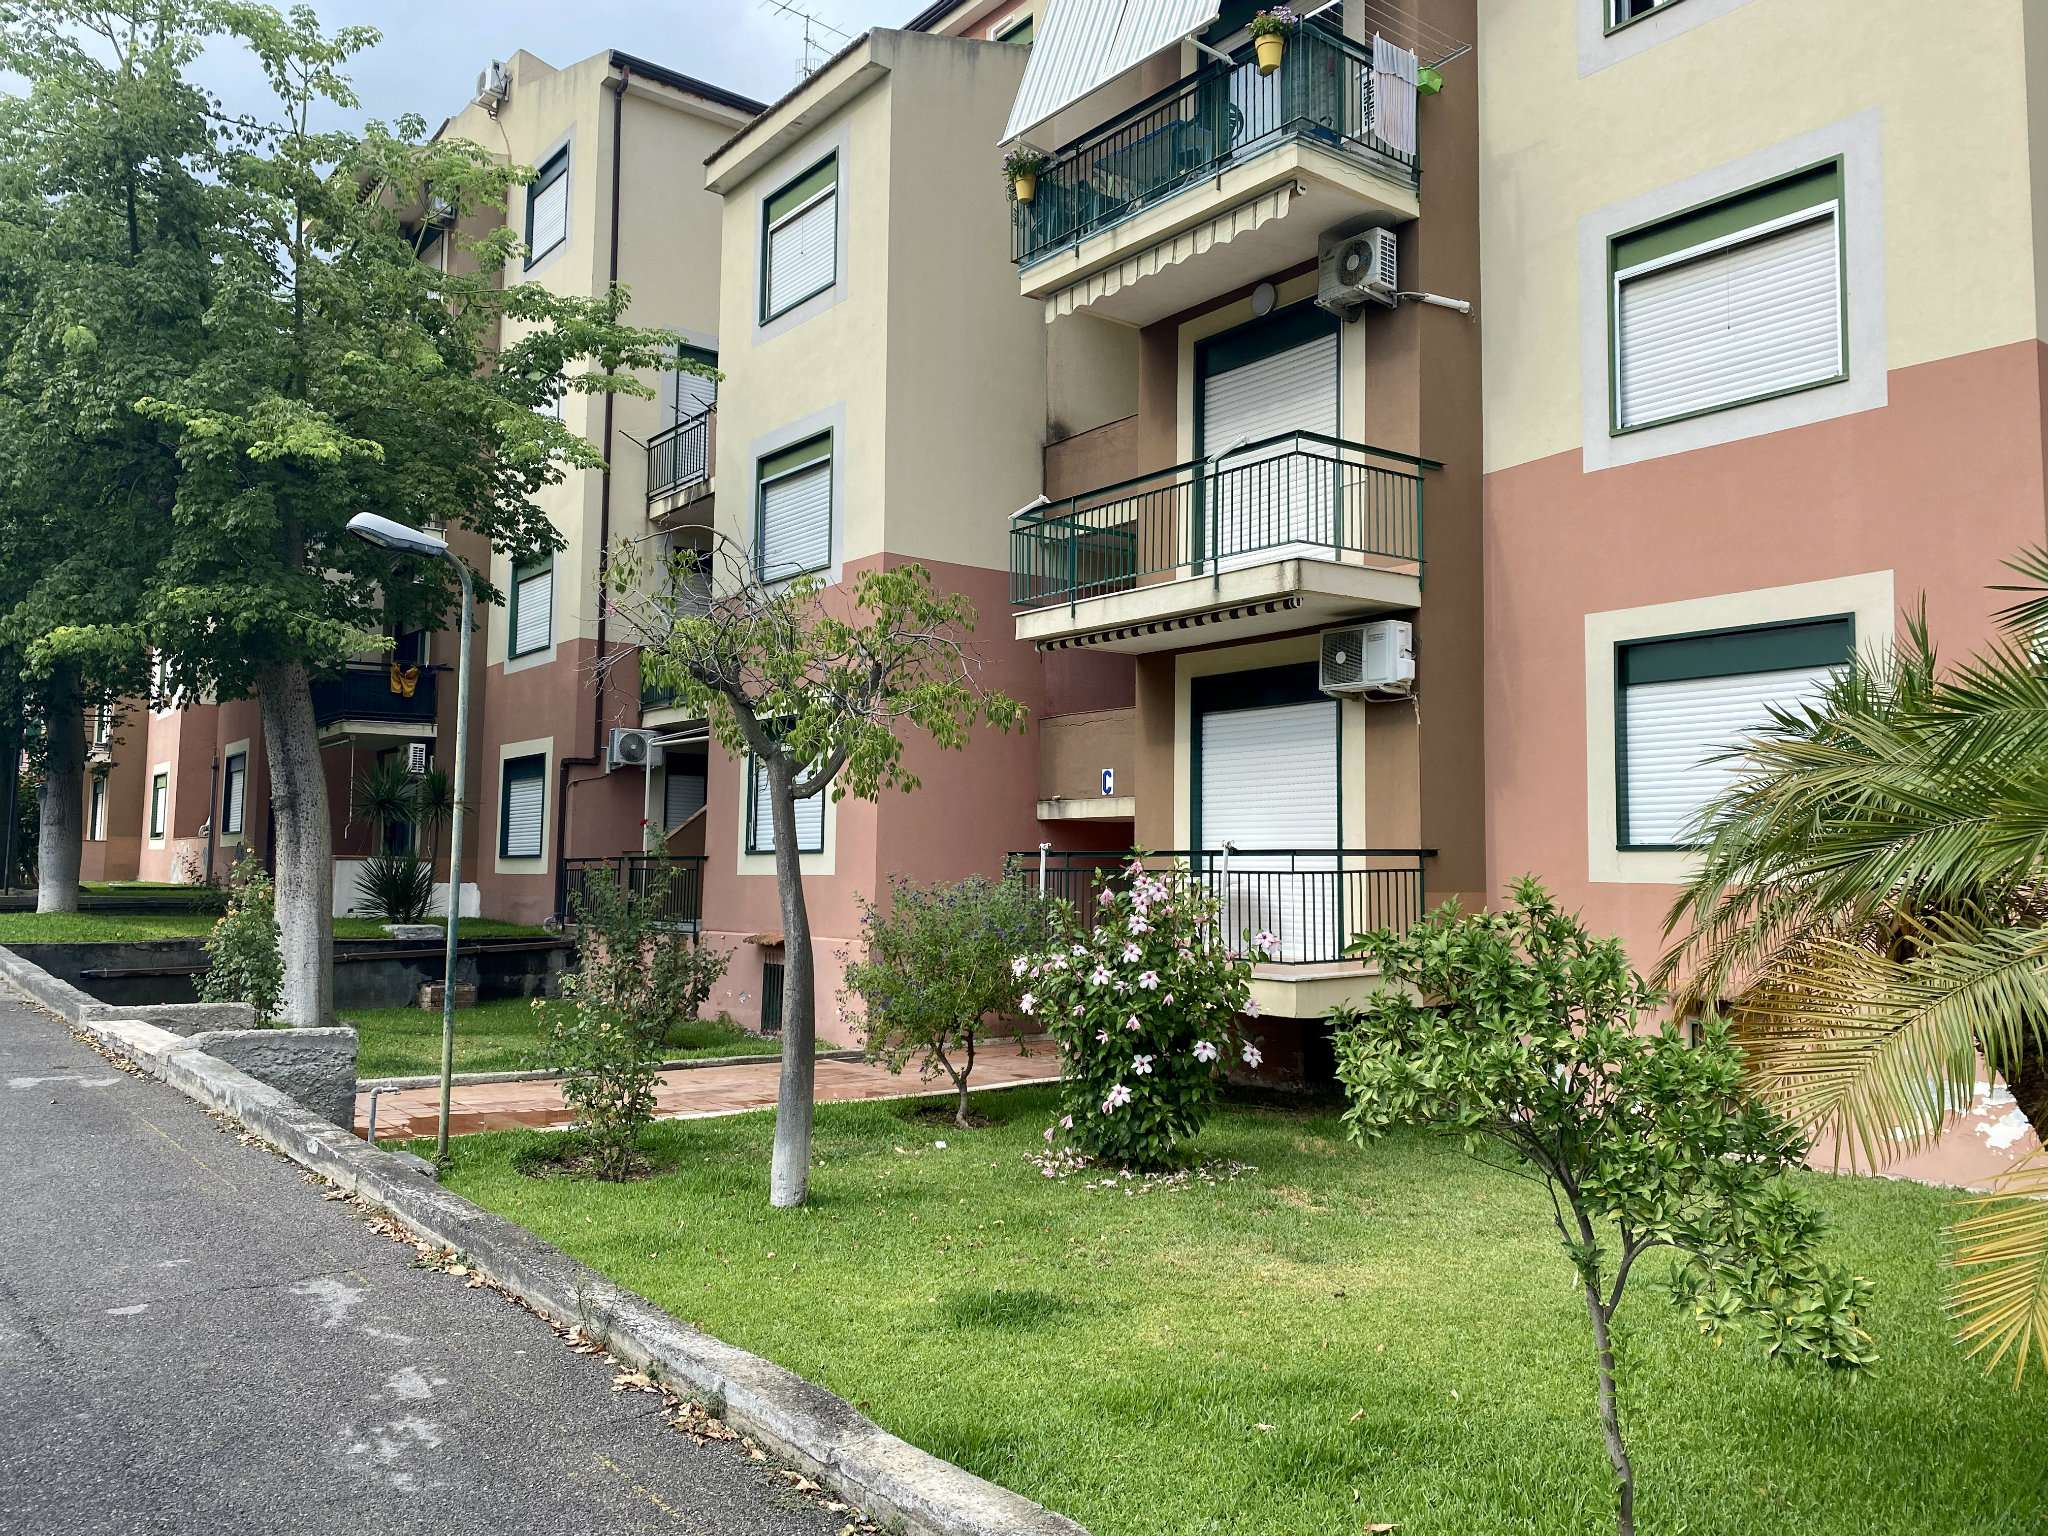 Appartamento in vendita a Giardini-Naxos, 2 locali, prezzo € 67.000 | PortaleAgenzieImmobiliari.it